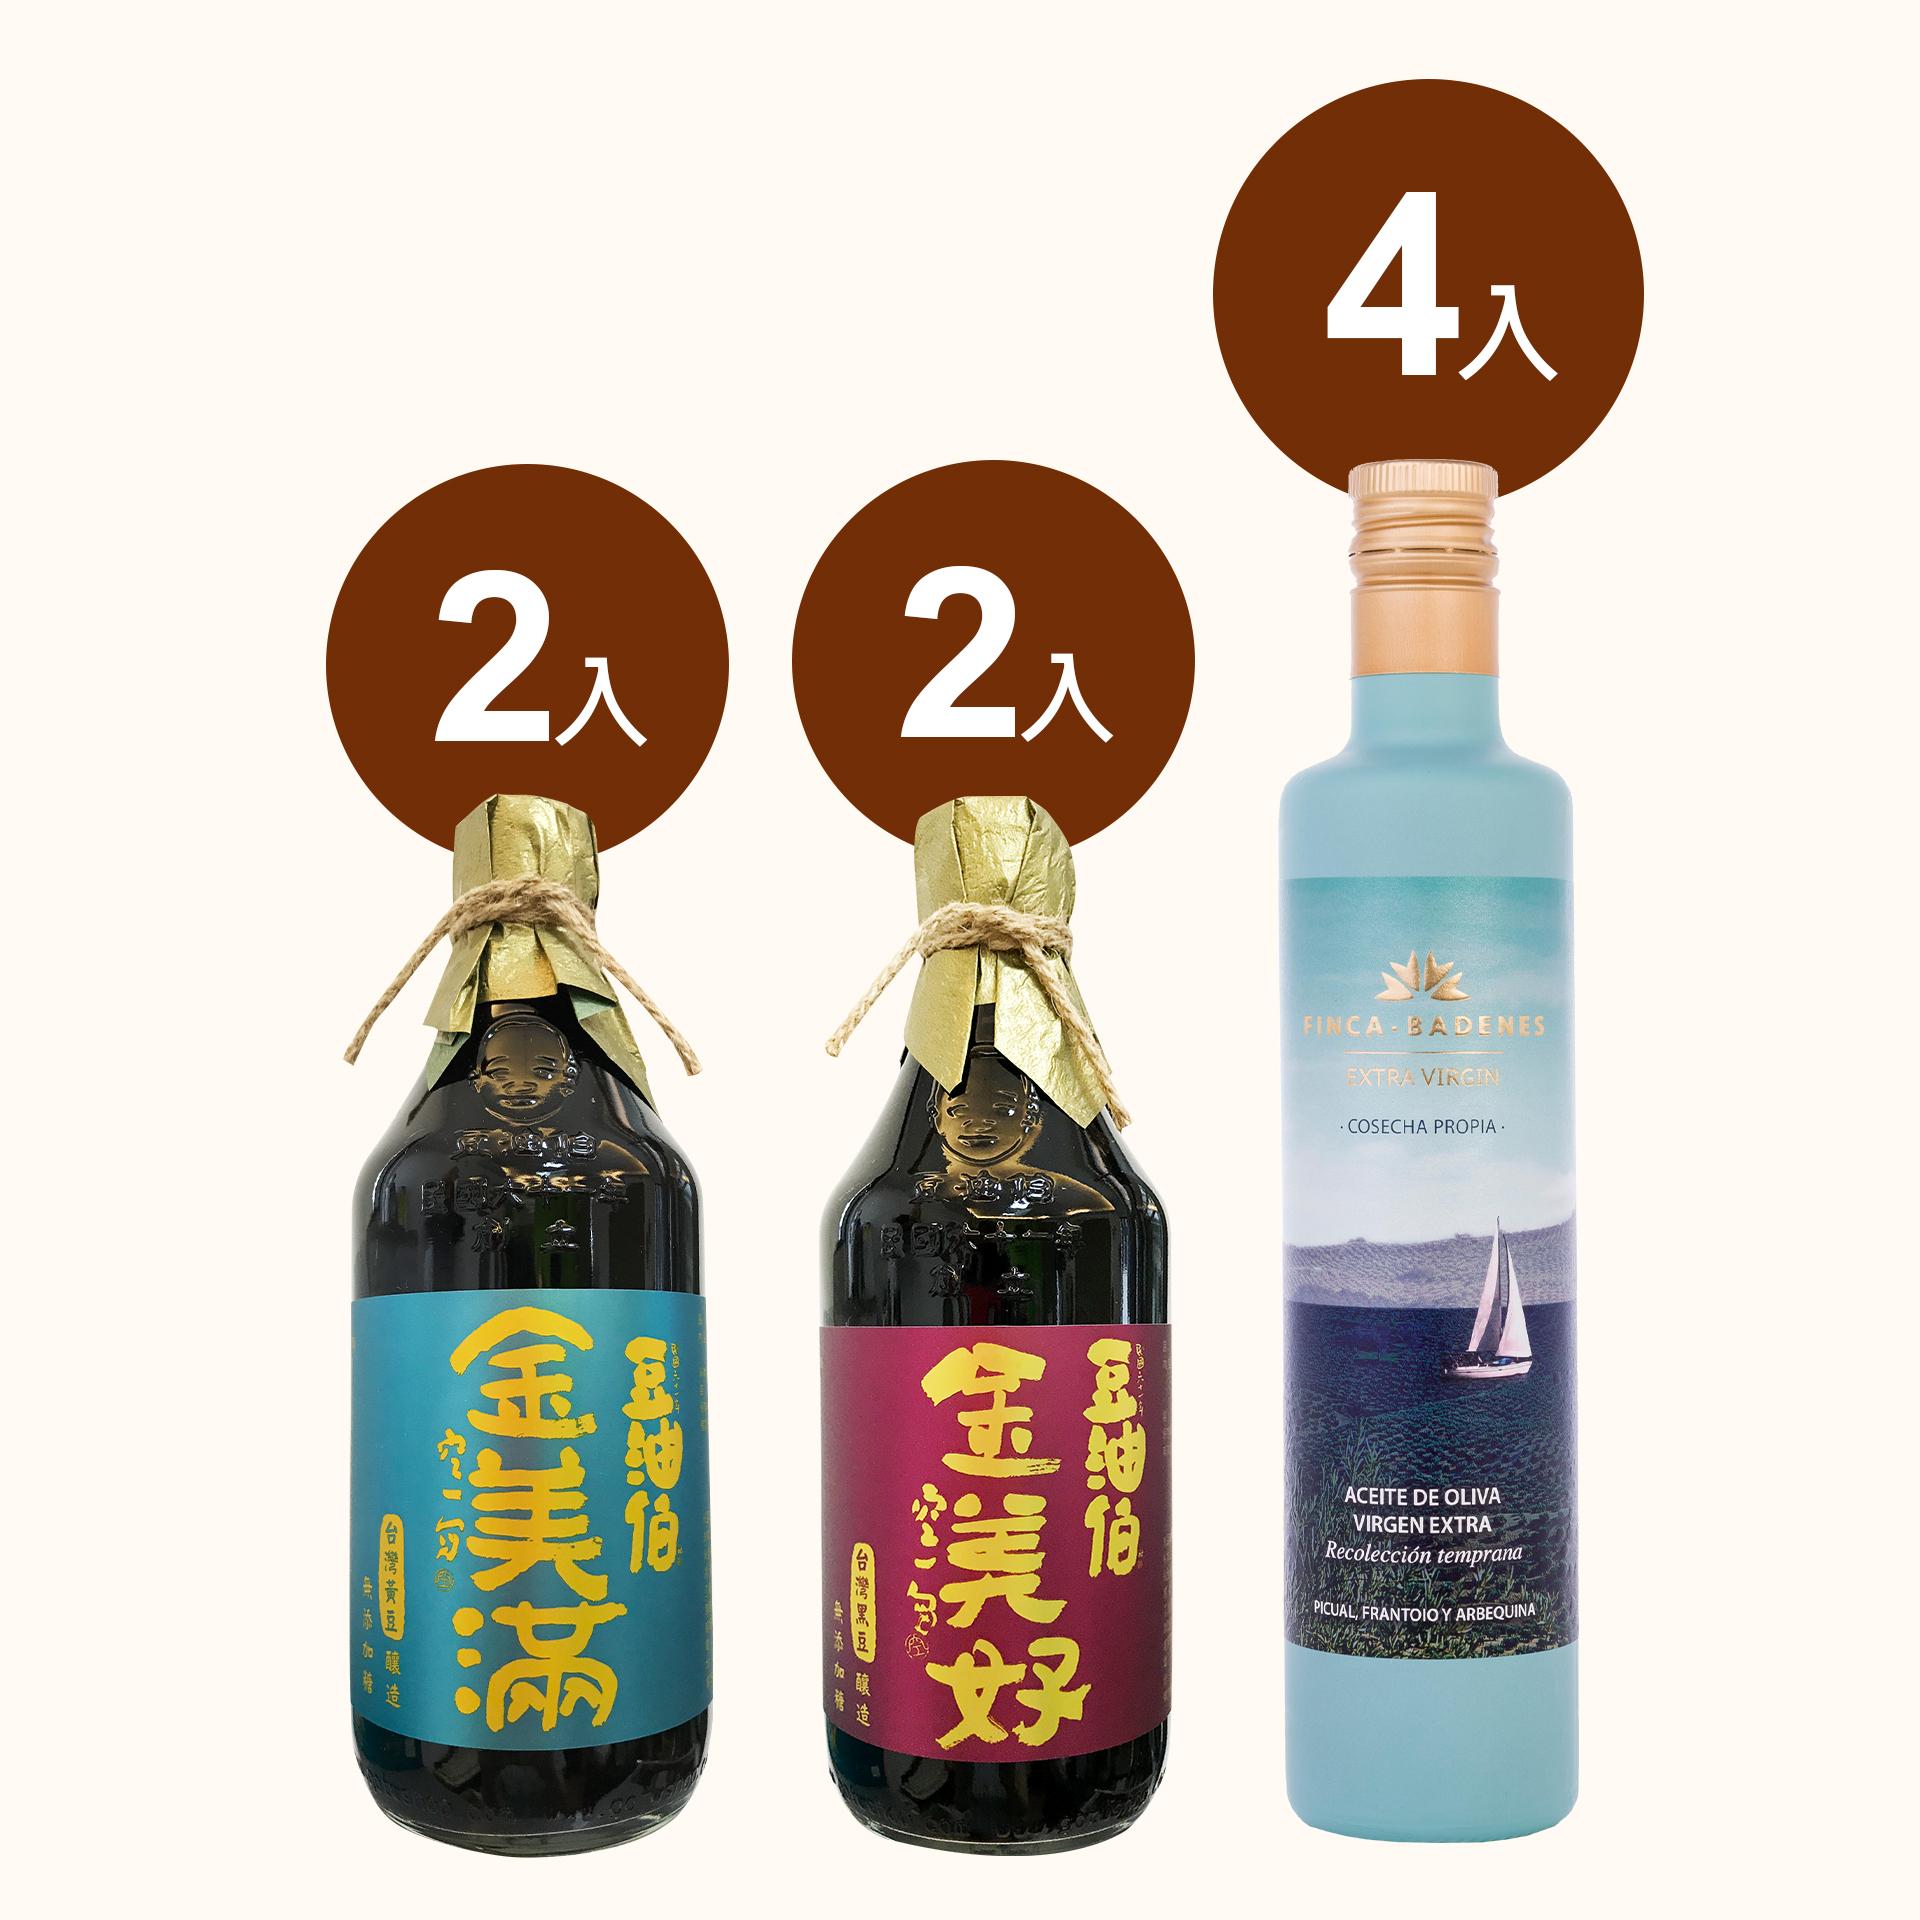 【小林郭郭推薦】金美好黑豆醬油2瓶+金美滿黃豆醬油2瓶+橄欖油4瓶,1組共8入